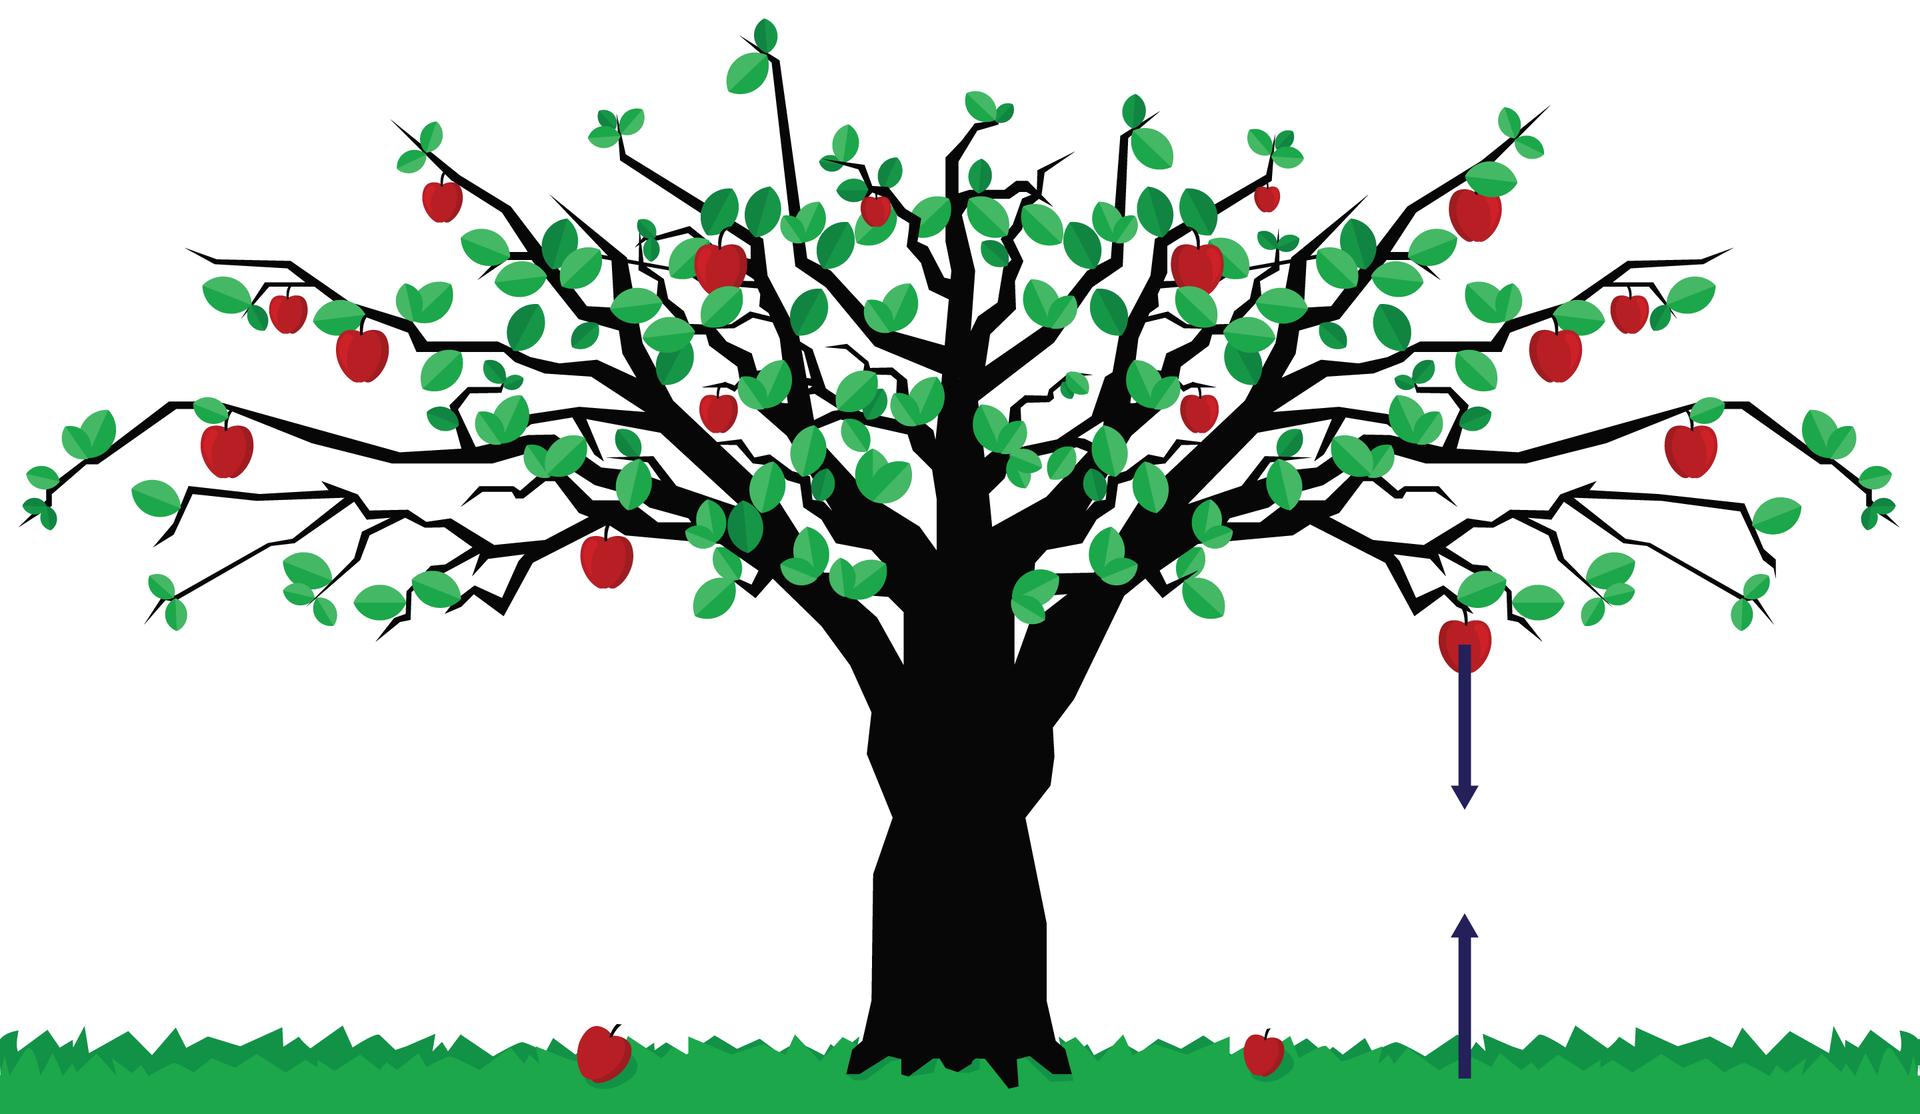 Na schemacie zaprezentowano drzewo. Tło białe. Kora drzewa czarna. Korona drzewa rozłożysta, zajmuje całą szerokość schematu. Na gałęziach znajdują się zielone liście iczerwone jabłka. Na dole widnieje niska trawa. Zprawej strony drzewa, od jednego zjabłek odchodzi wektor. Kierunek prostopadły do podłoża. Zwrot ku ziemi. Punkt przyłożenia na środku jabłka. Punkt przyłożenie drugiego wektora znajduje się na ziemi. Wektor ma ten sam kierunek, lecz przeciwny zwrot. Wektory mają równą długość. Oba wektory leżą na tej samej prostej.